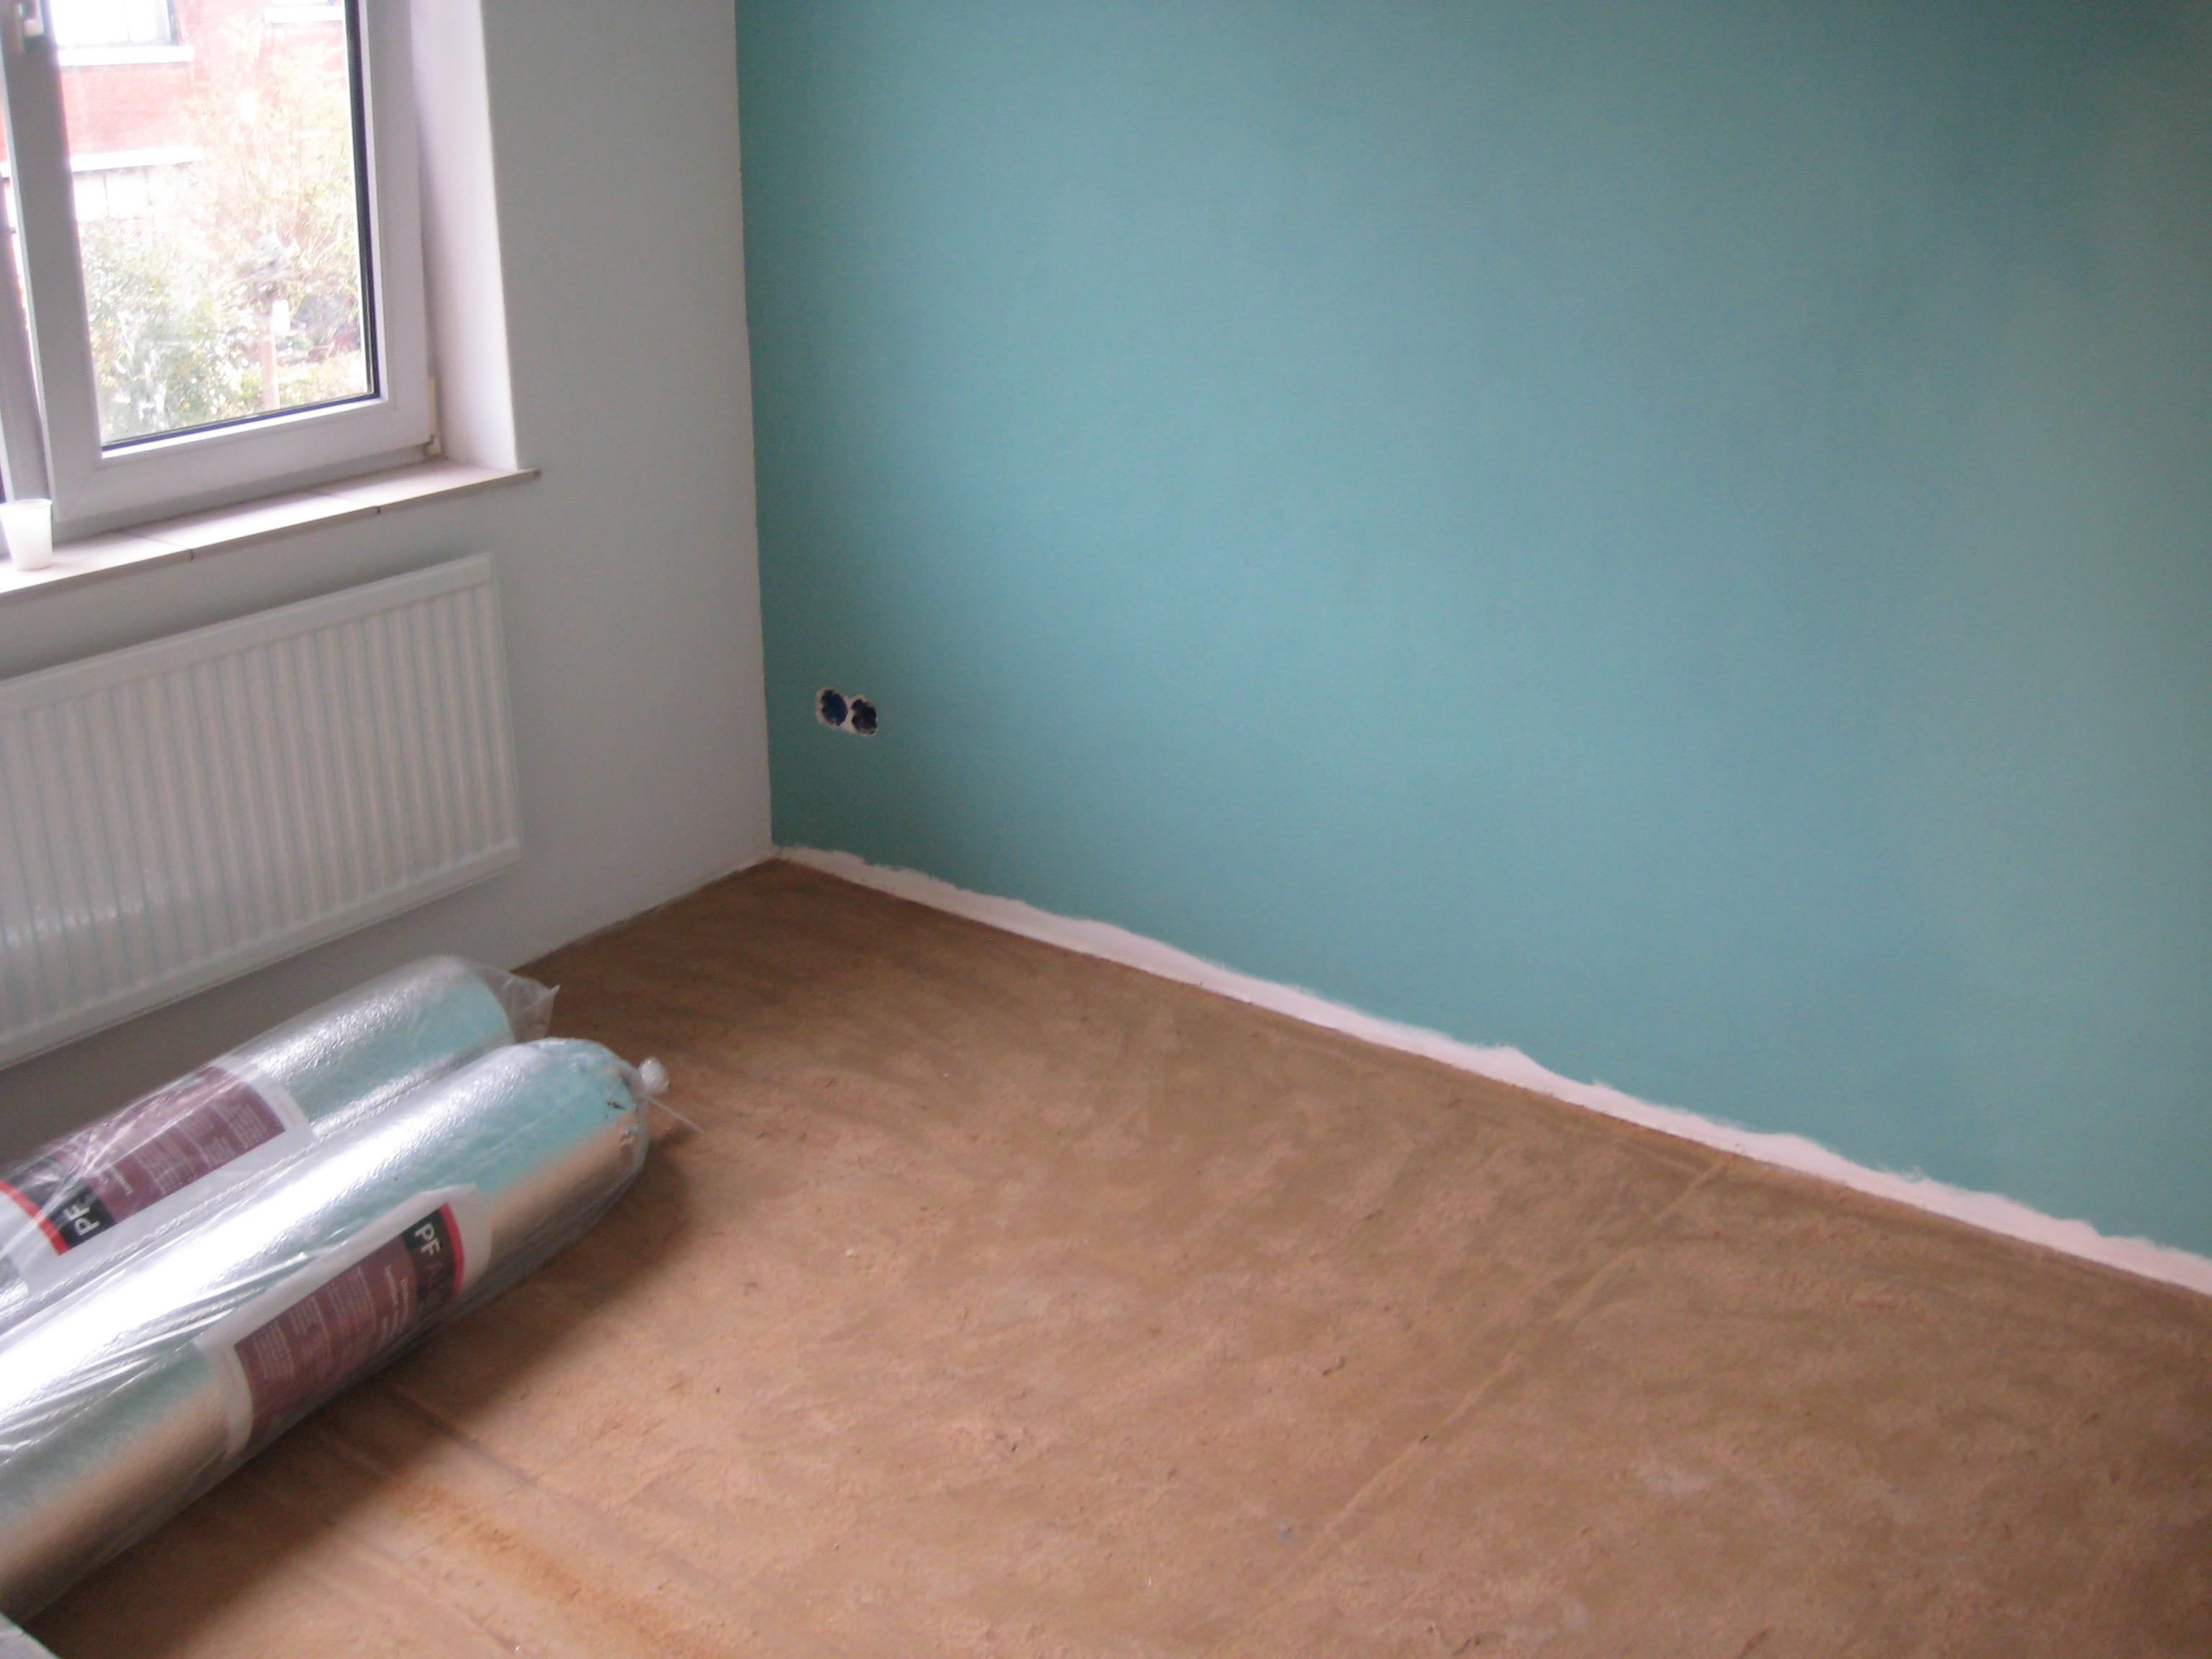 Laminaat Leggen Ondervloer : Ondervloer leggen voordemakers